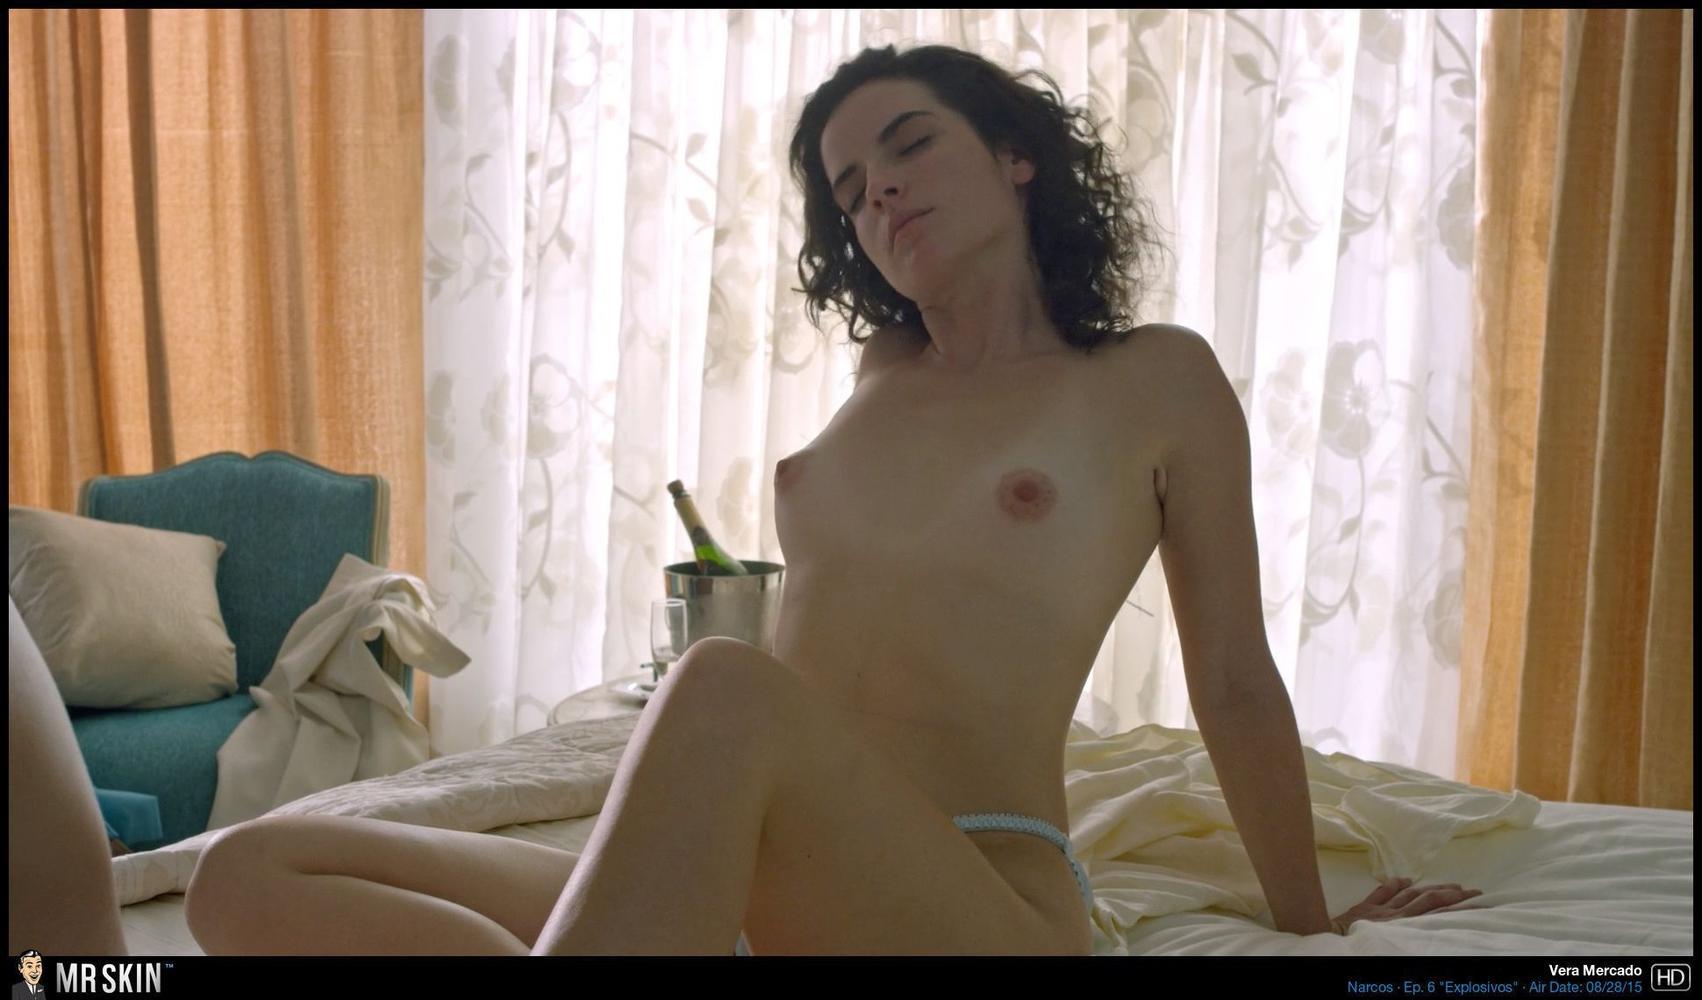 Topless Nude Girl Blogs Photos